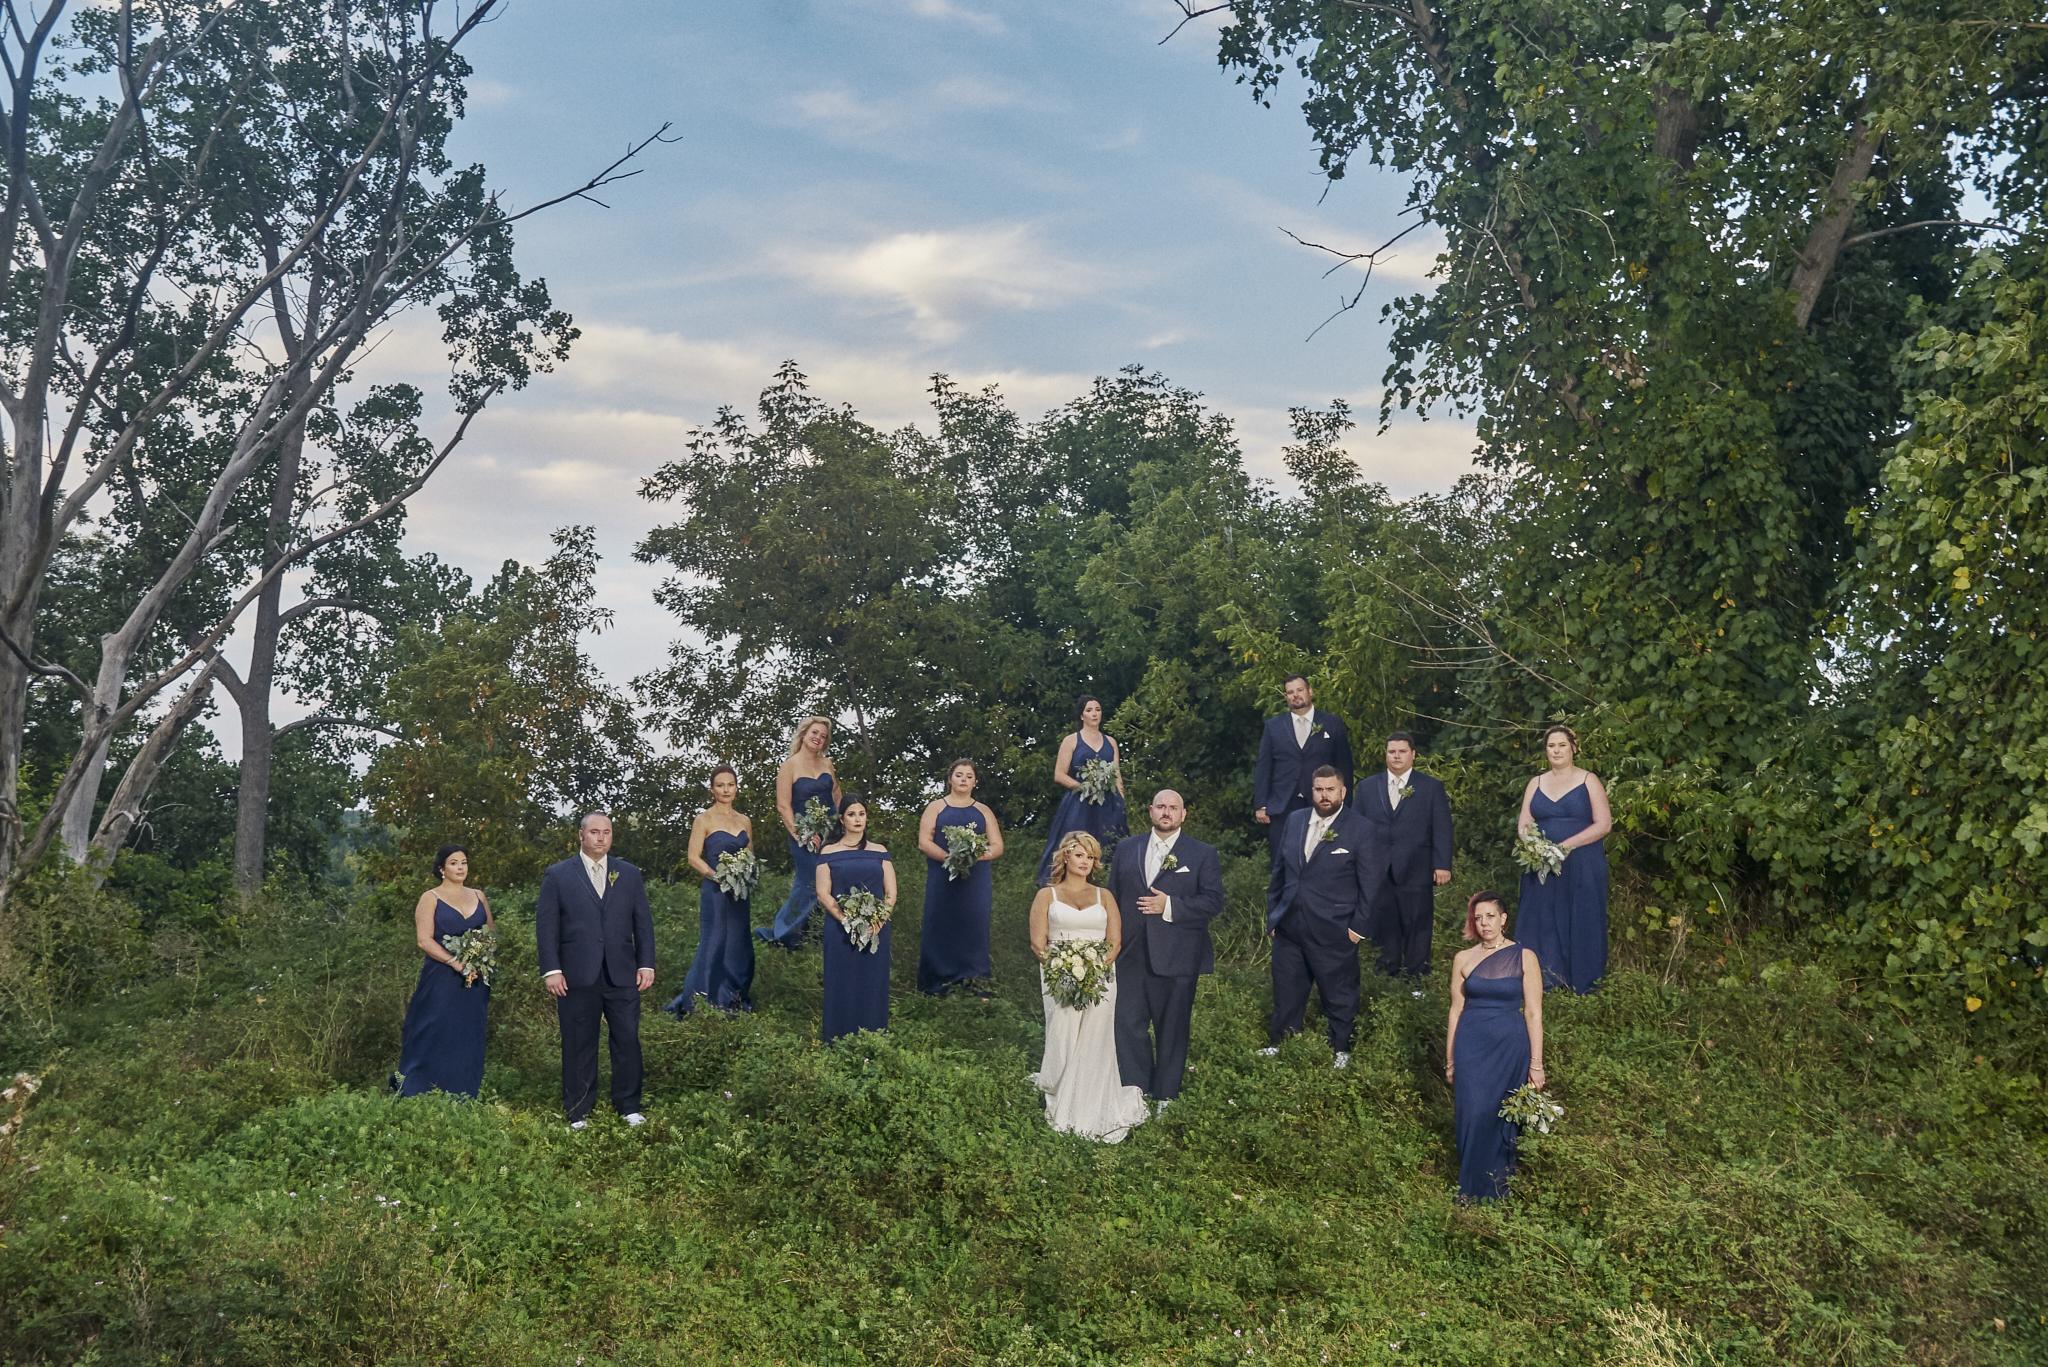 J.R. Clubb Photography Orr Wedding 16001010.jpg